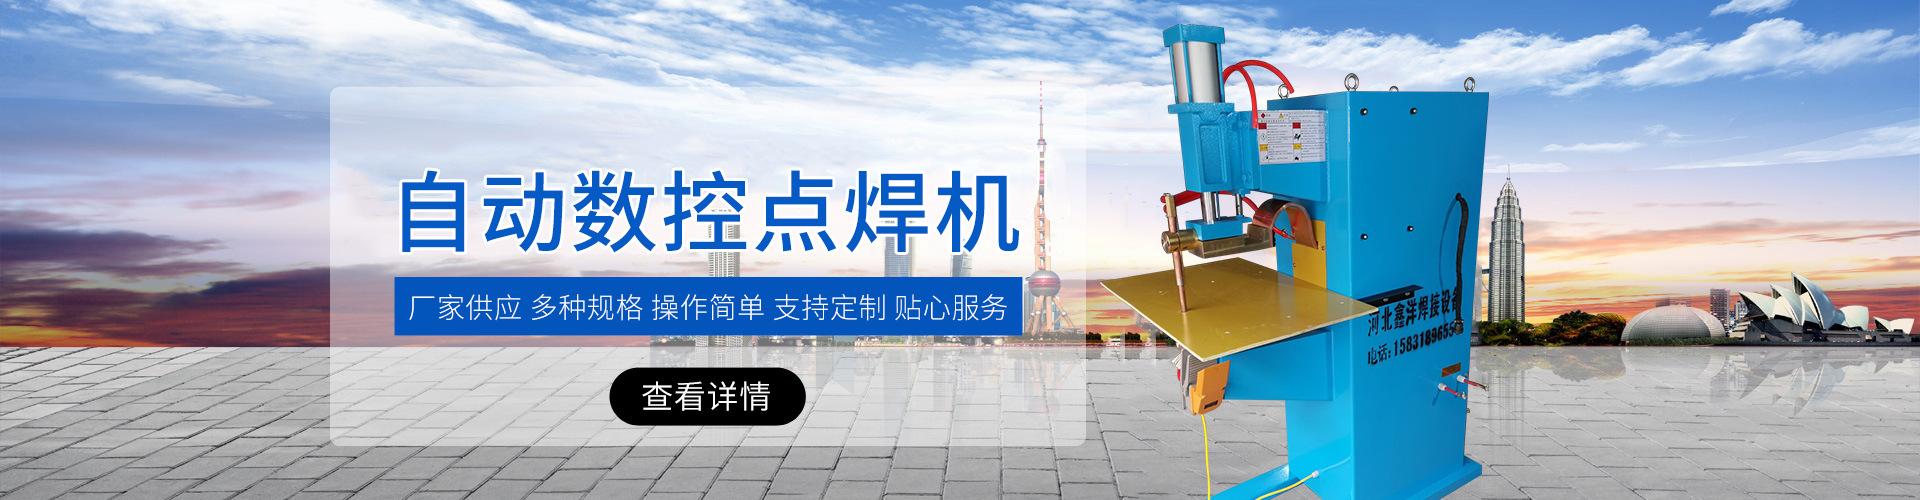 东光县鑫洋焊接设备厂